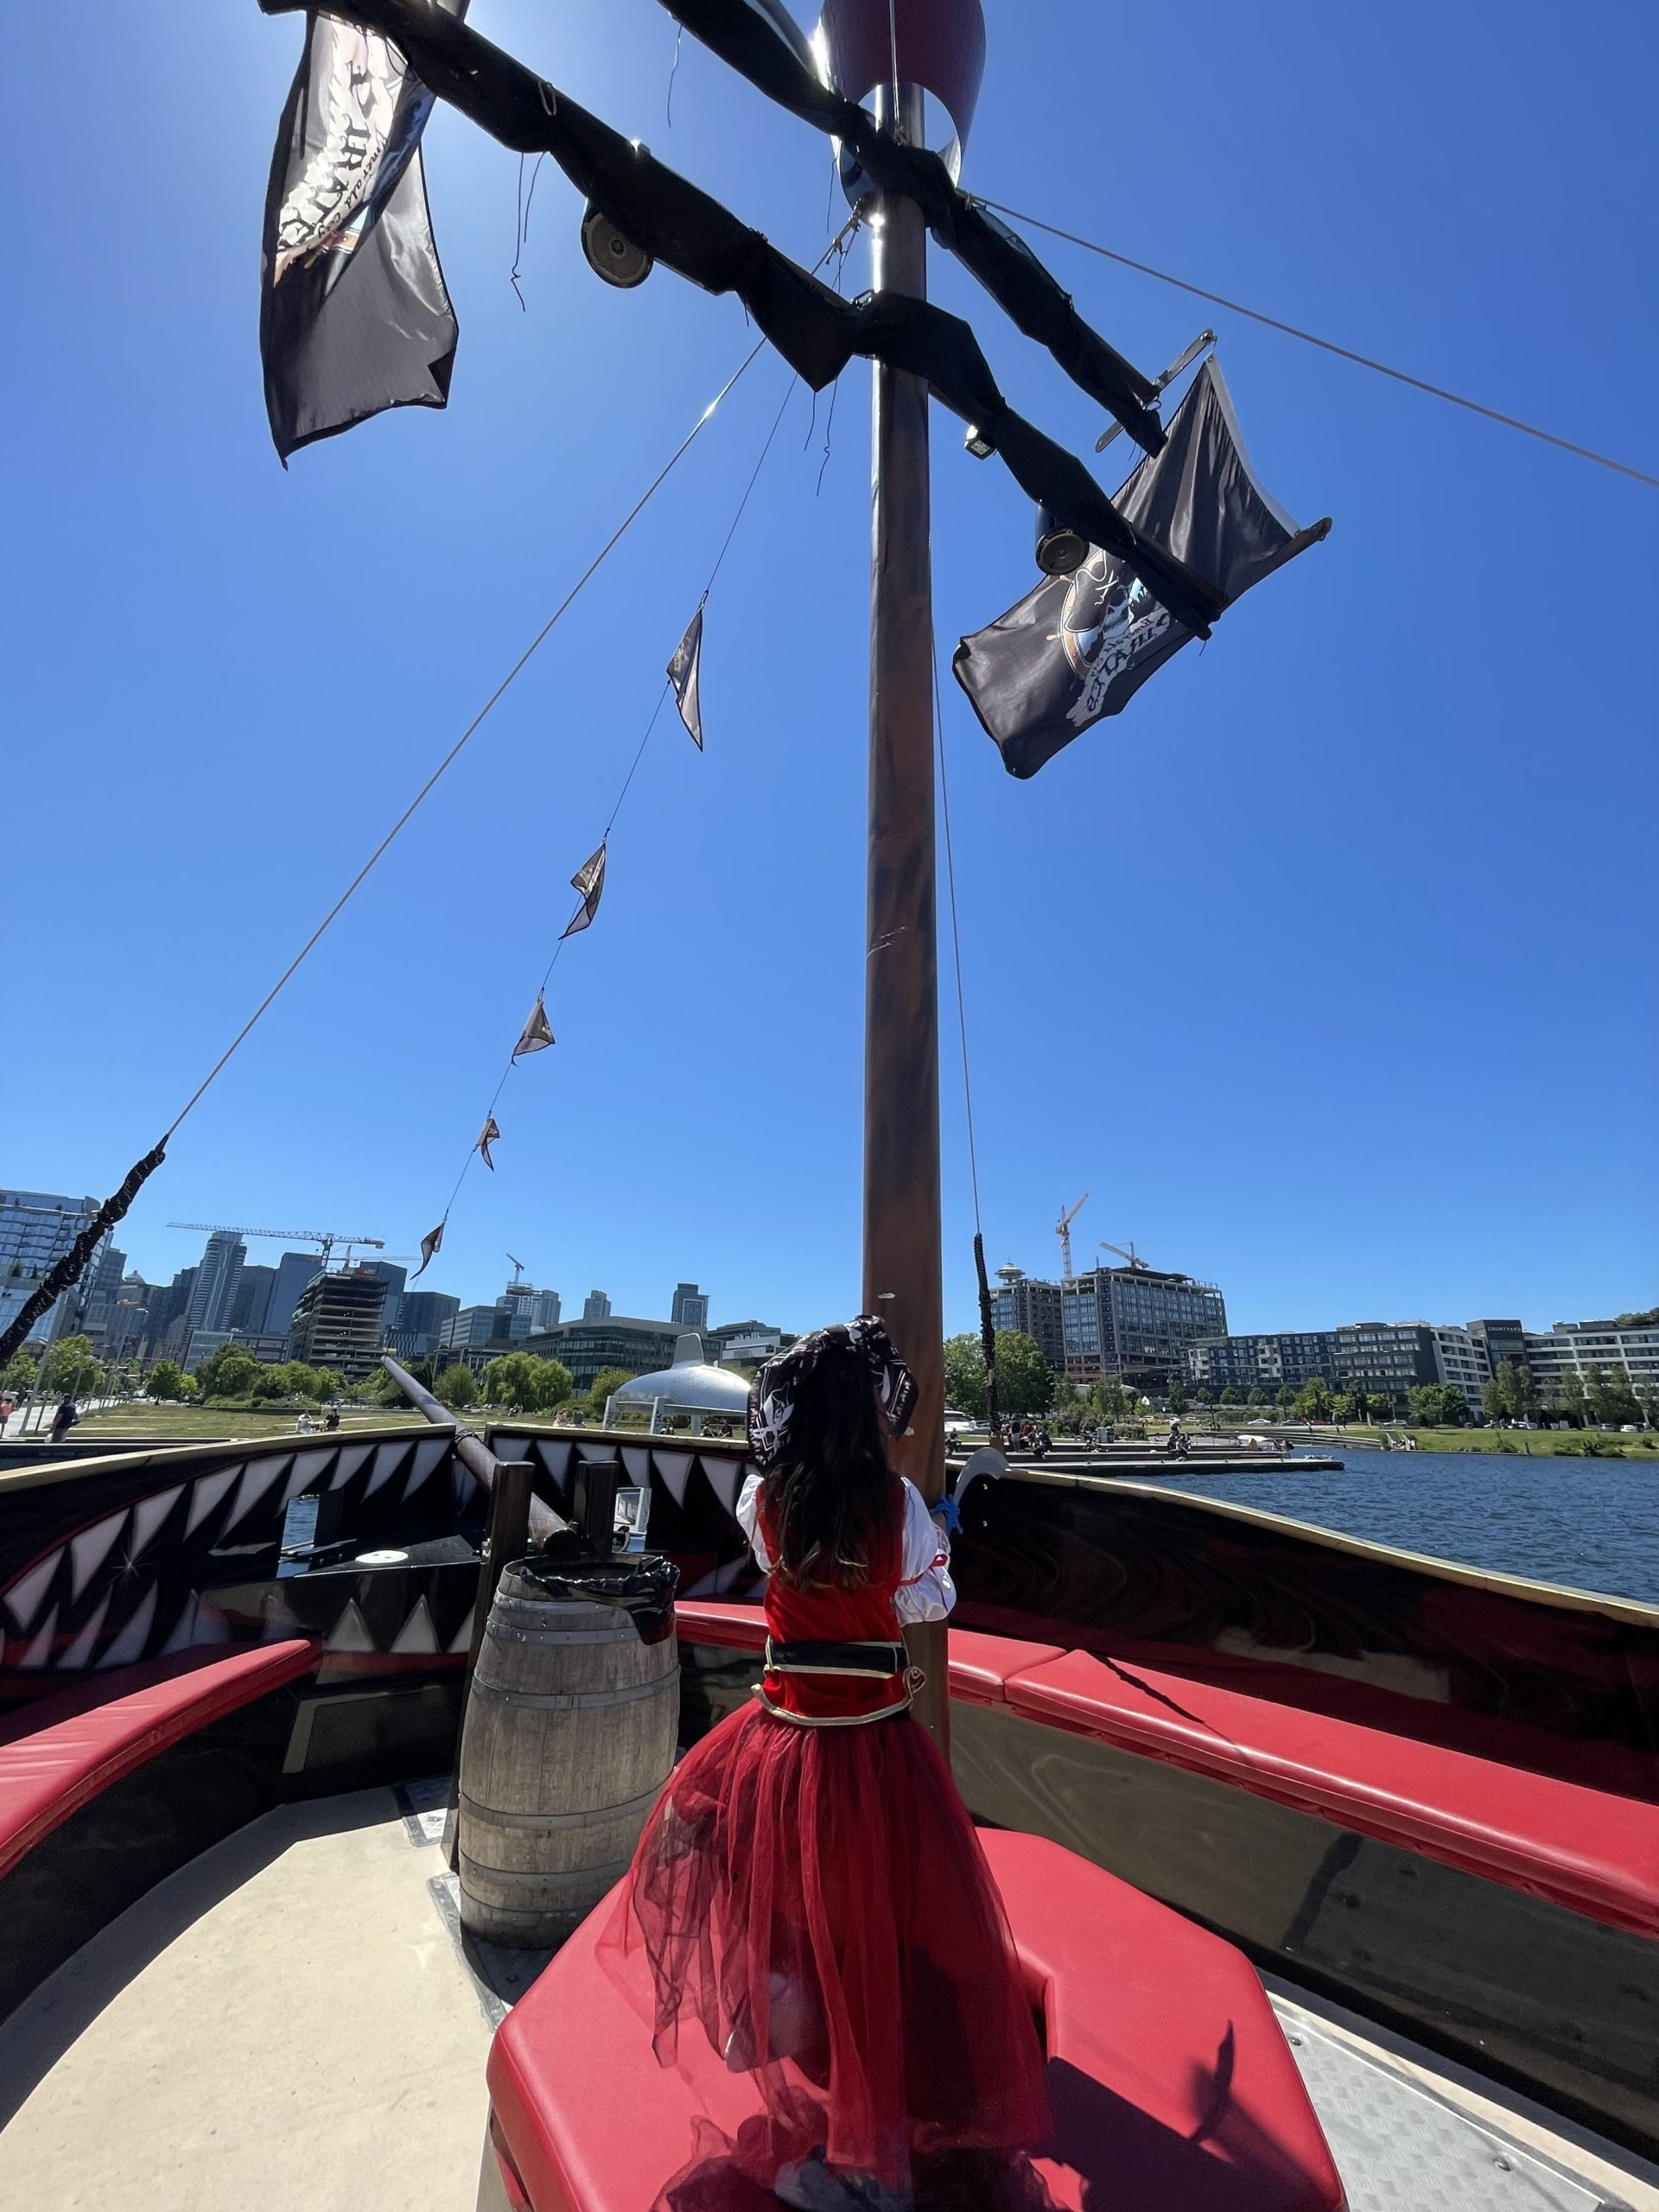 Seattle treasure cruise / boat tour